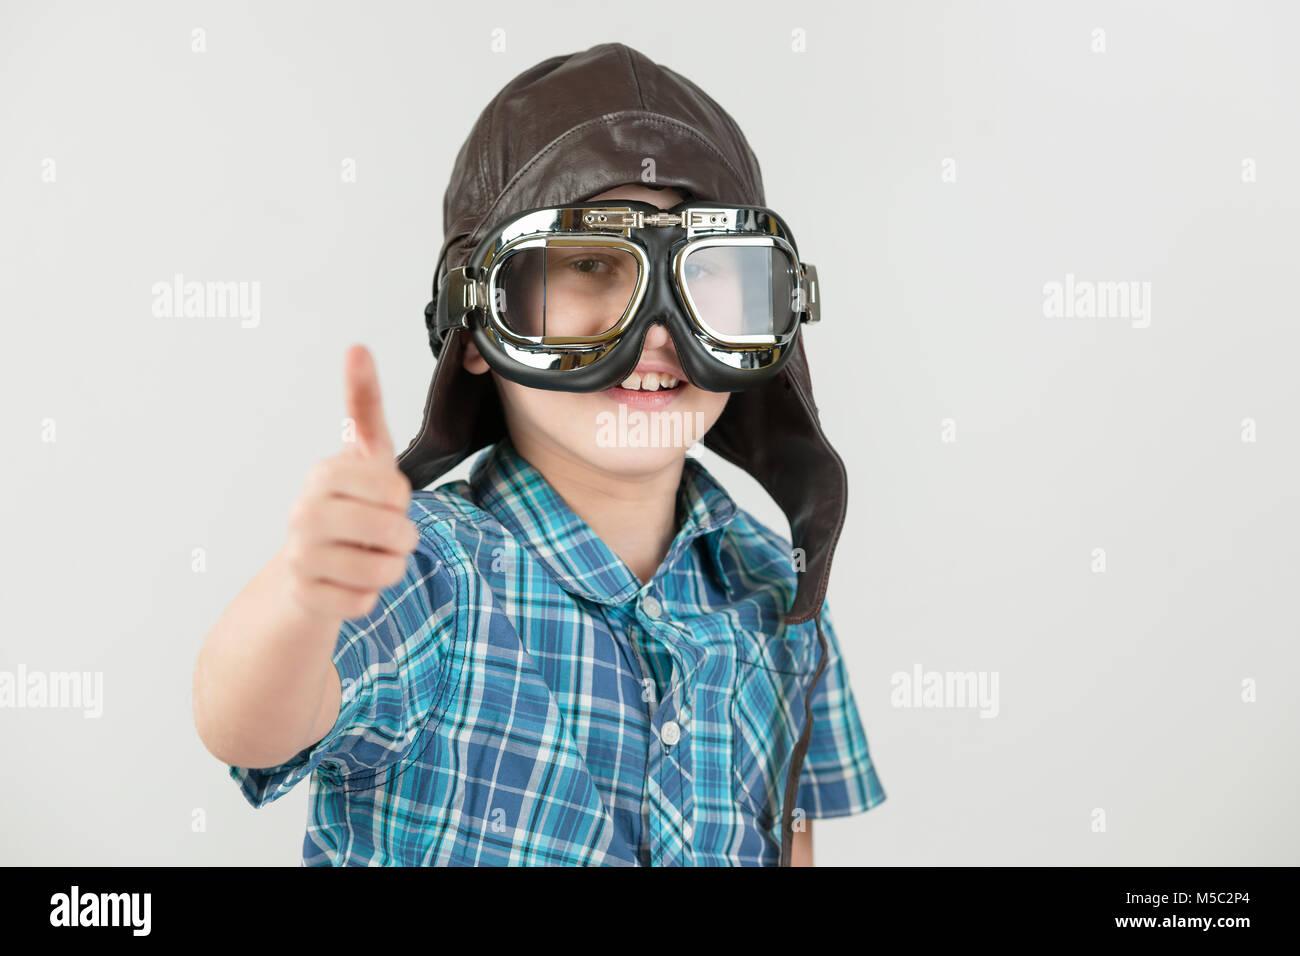 Vor grauem Hintergrund freigestellte Oberkörper-Ansicht eines zehnjährigen Jungen im blau-karierten kurzärmligen - Stock Image